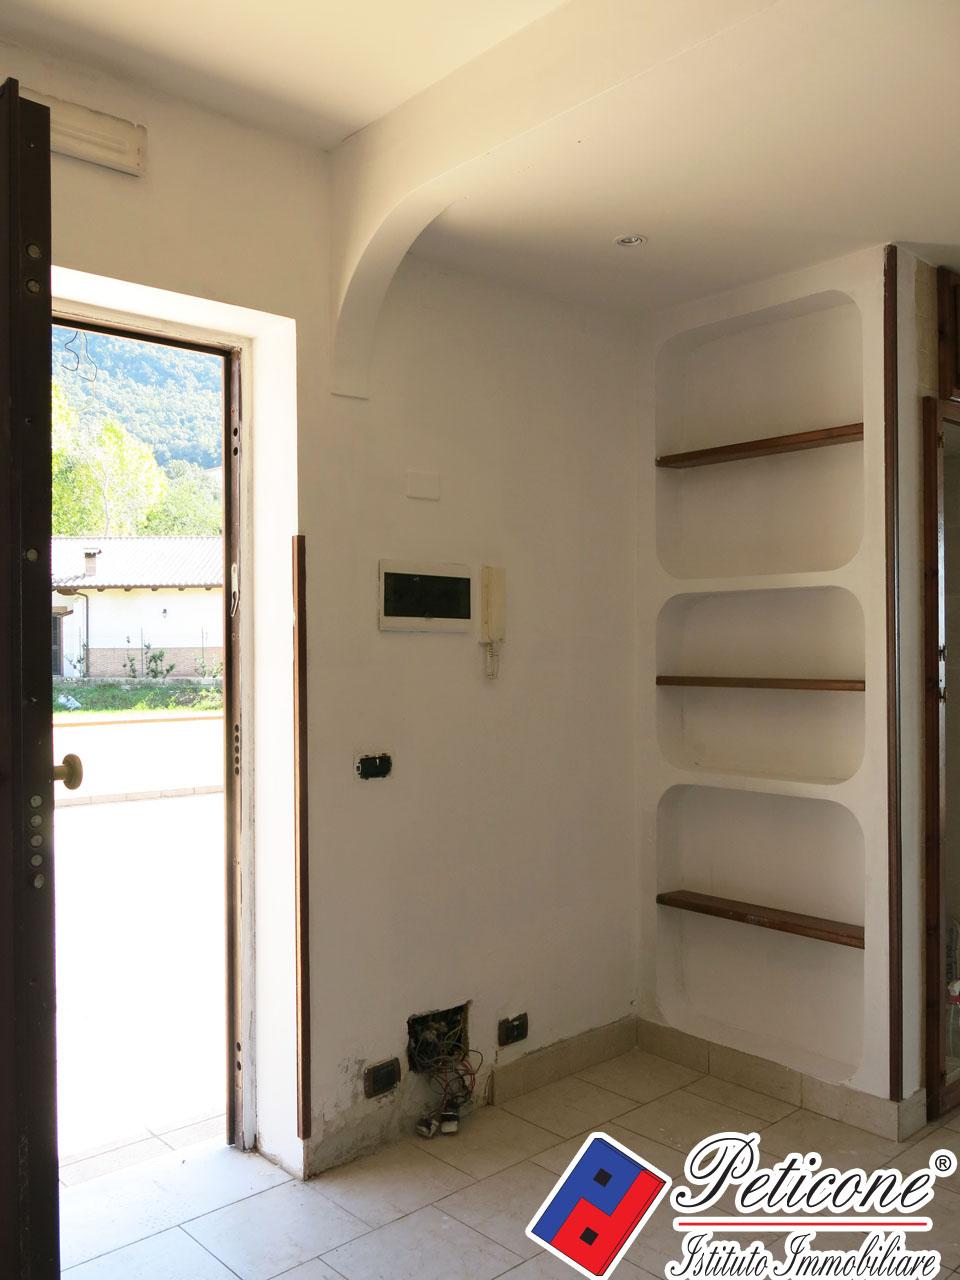 Villa in Vendita a Formia: 4 locali, 90 mq - Foto 20